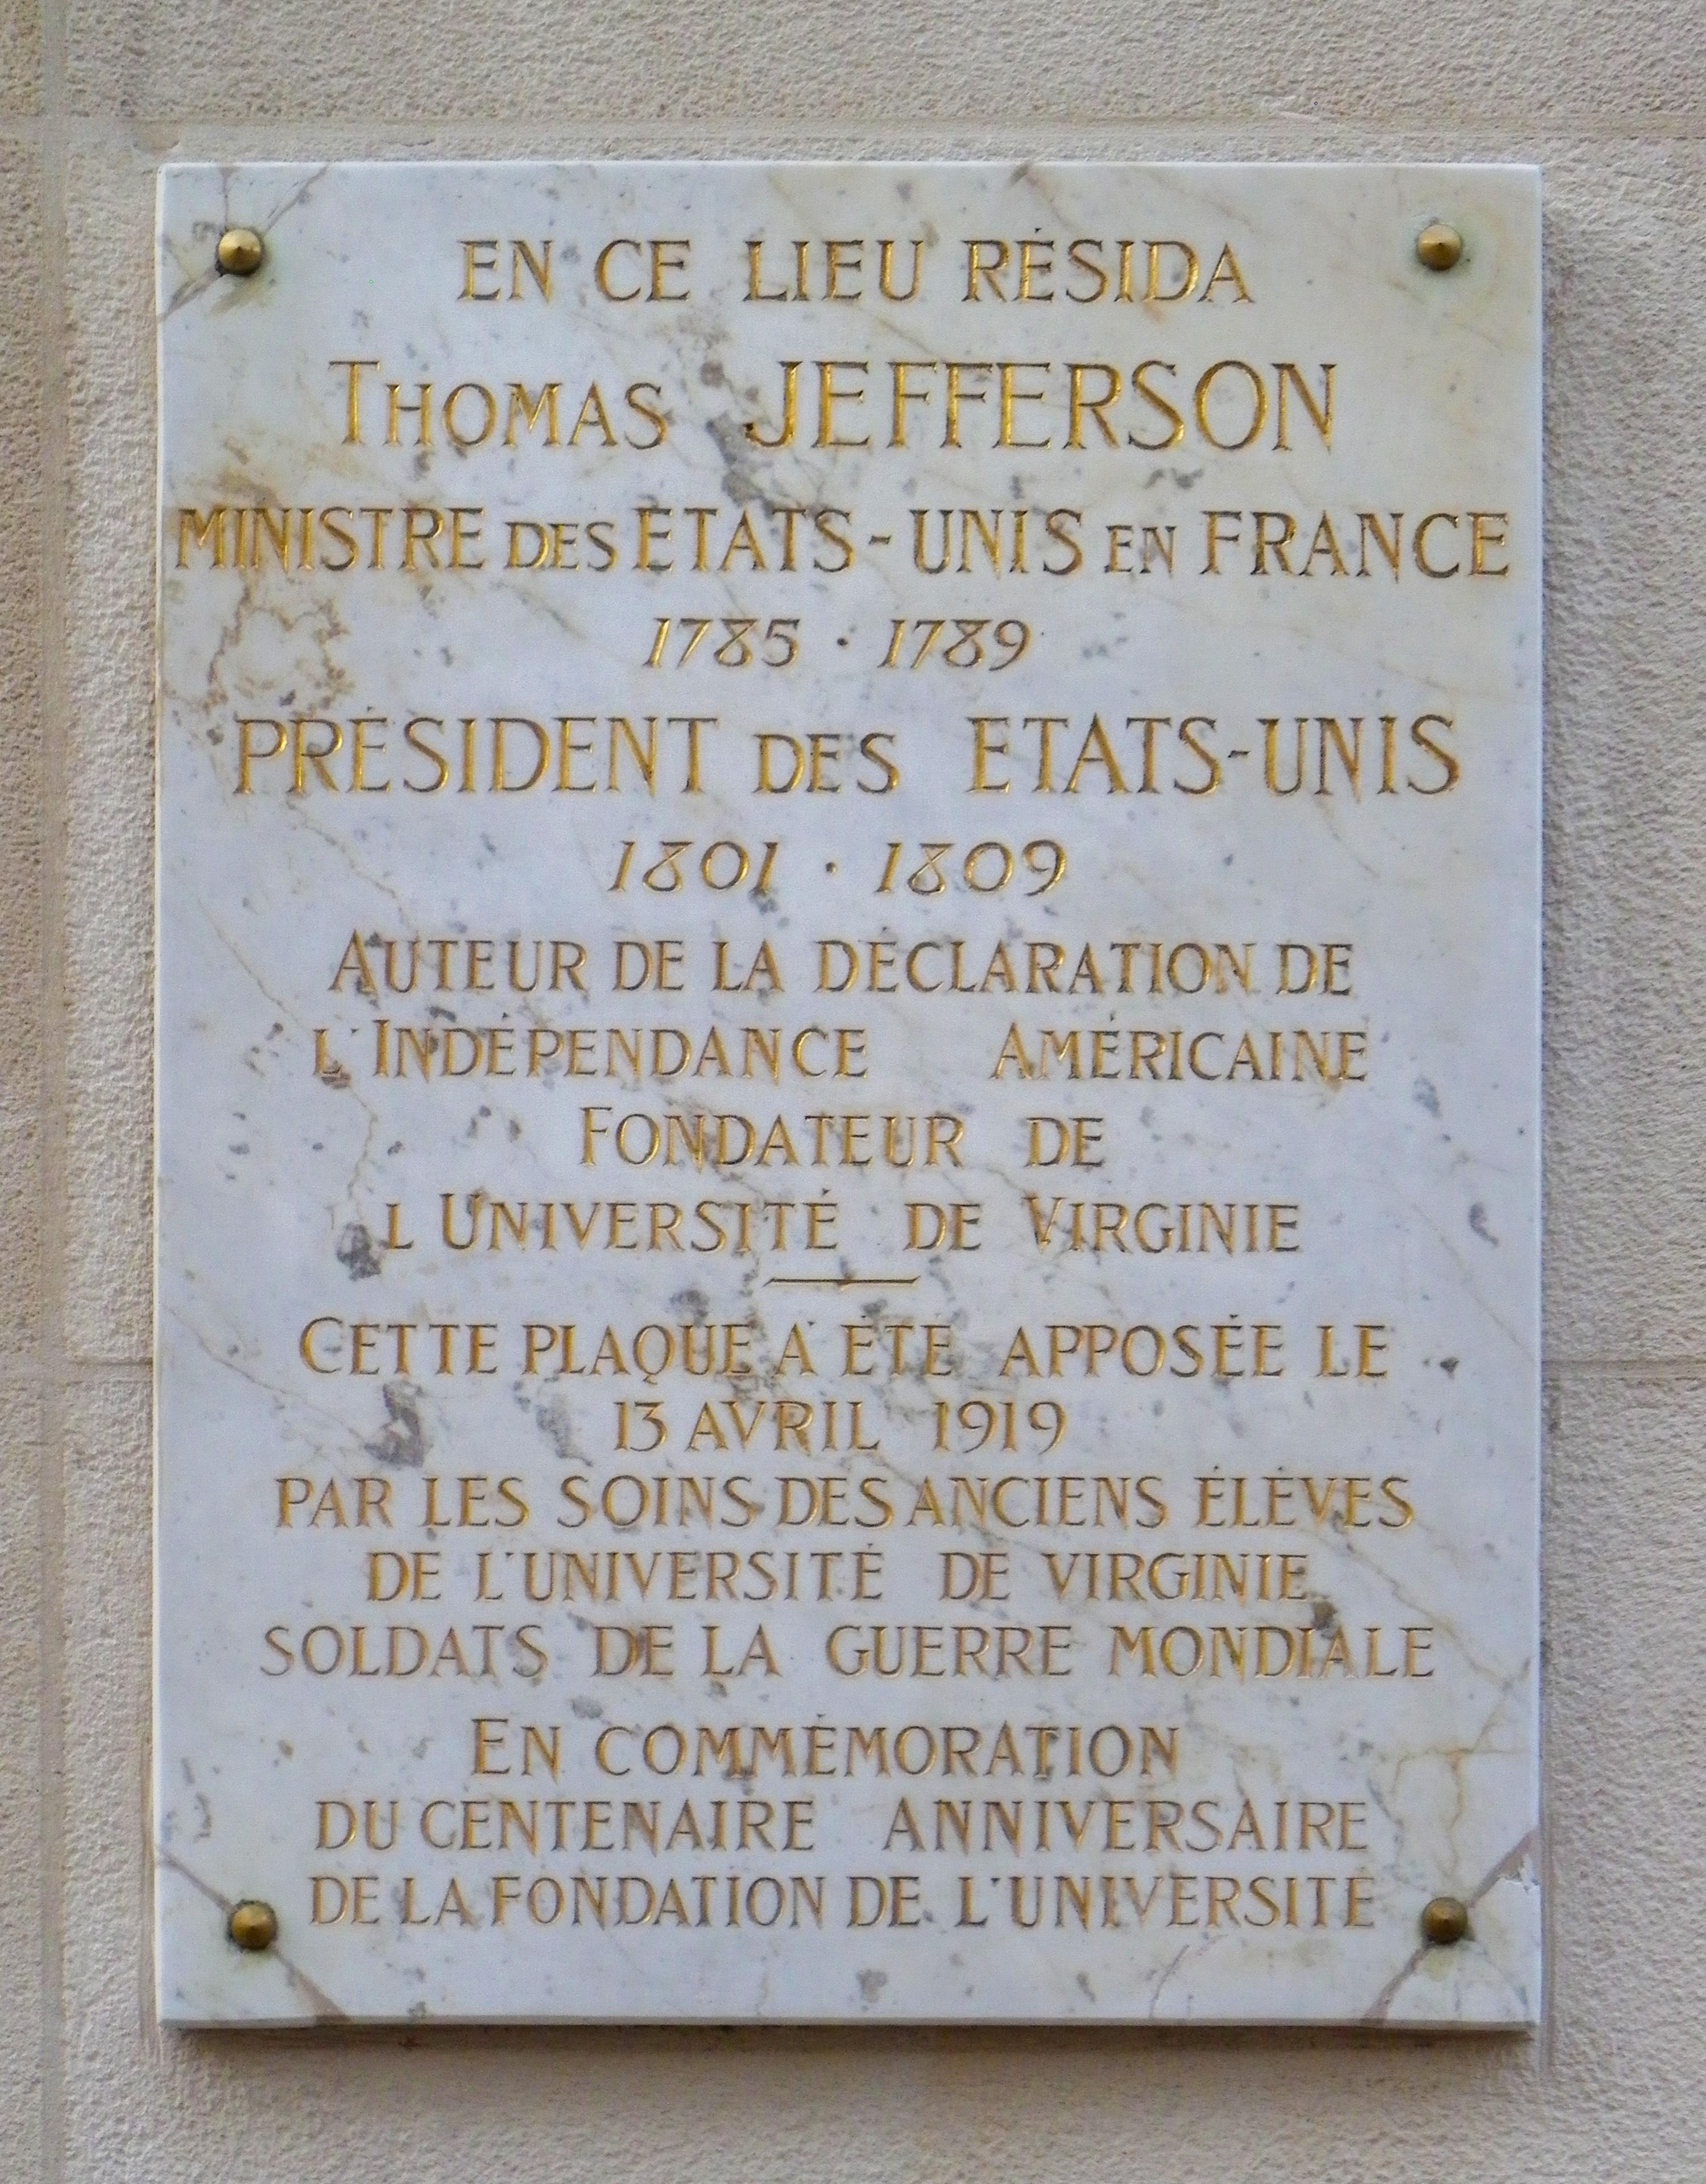 http://upload.wikimedia.org/wikipedia/commons/4/4c/Plaque_Thomas_Jefferson_au_92_avenue_des_Champs-Elysées_à_Paris.JPG